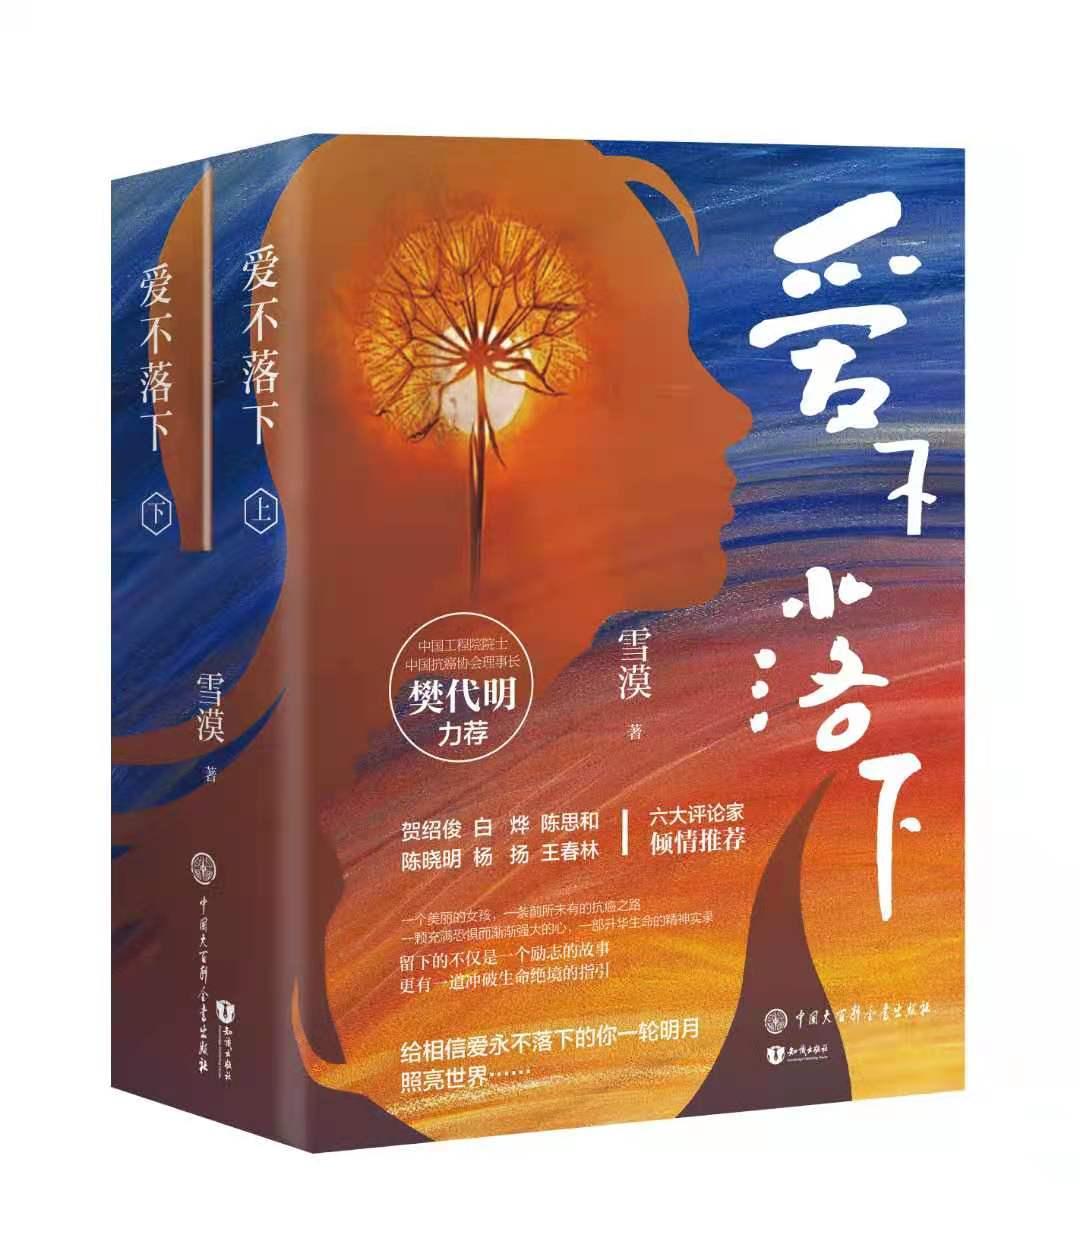 文学抚慰困境中的灵魂,雪漠《爱不落下》出版研讨会举行-天津热点网